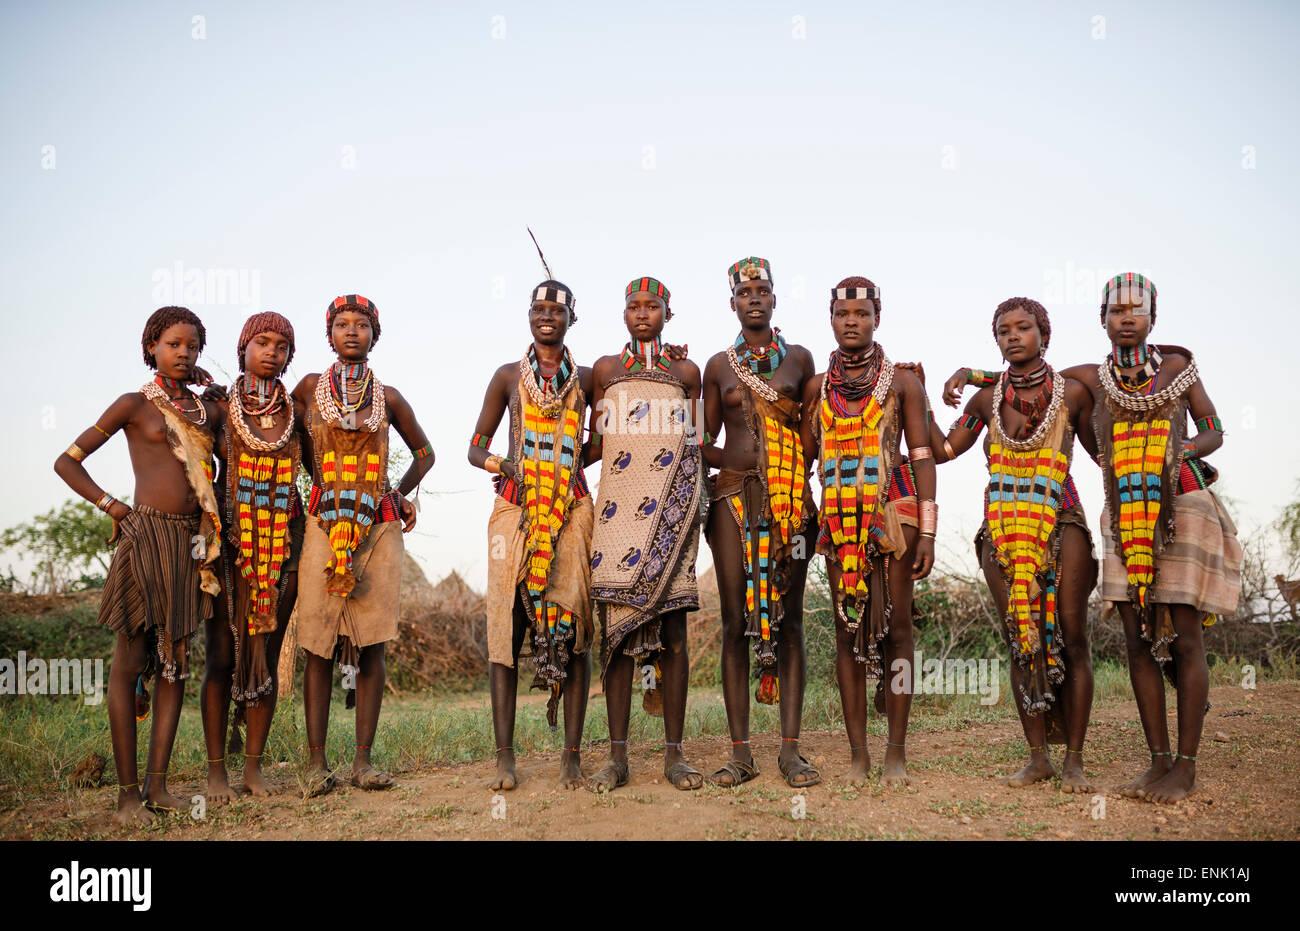 Les filles de la tribu Hamar, vallée de l'Omo, Ethiopie, Afrique Photo Stock